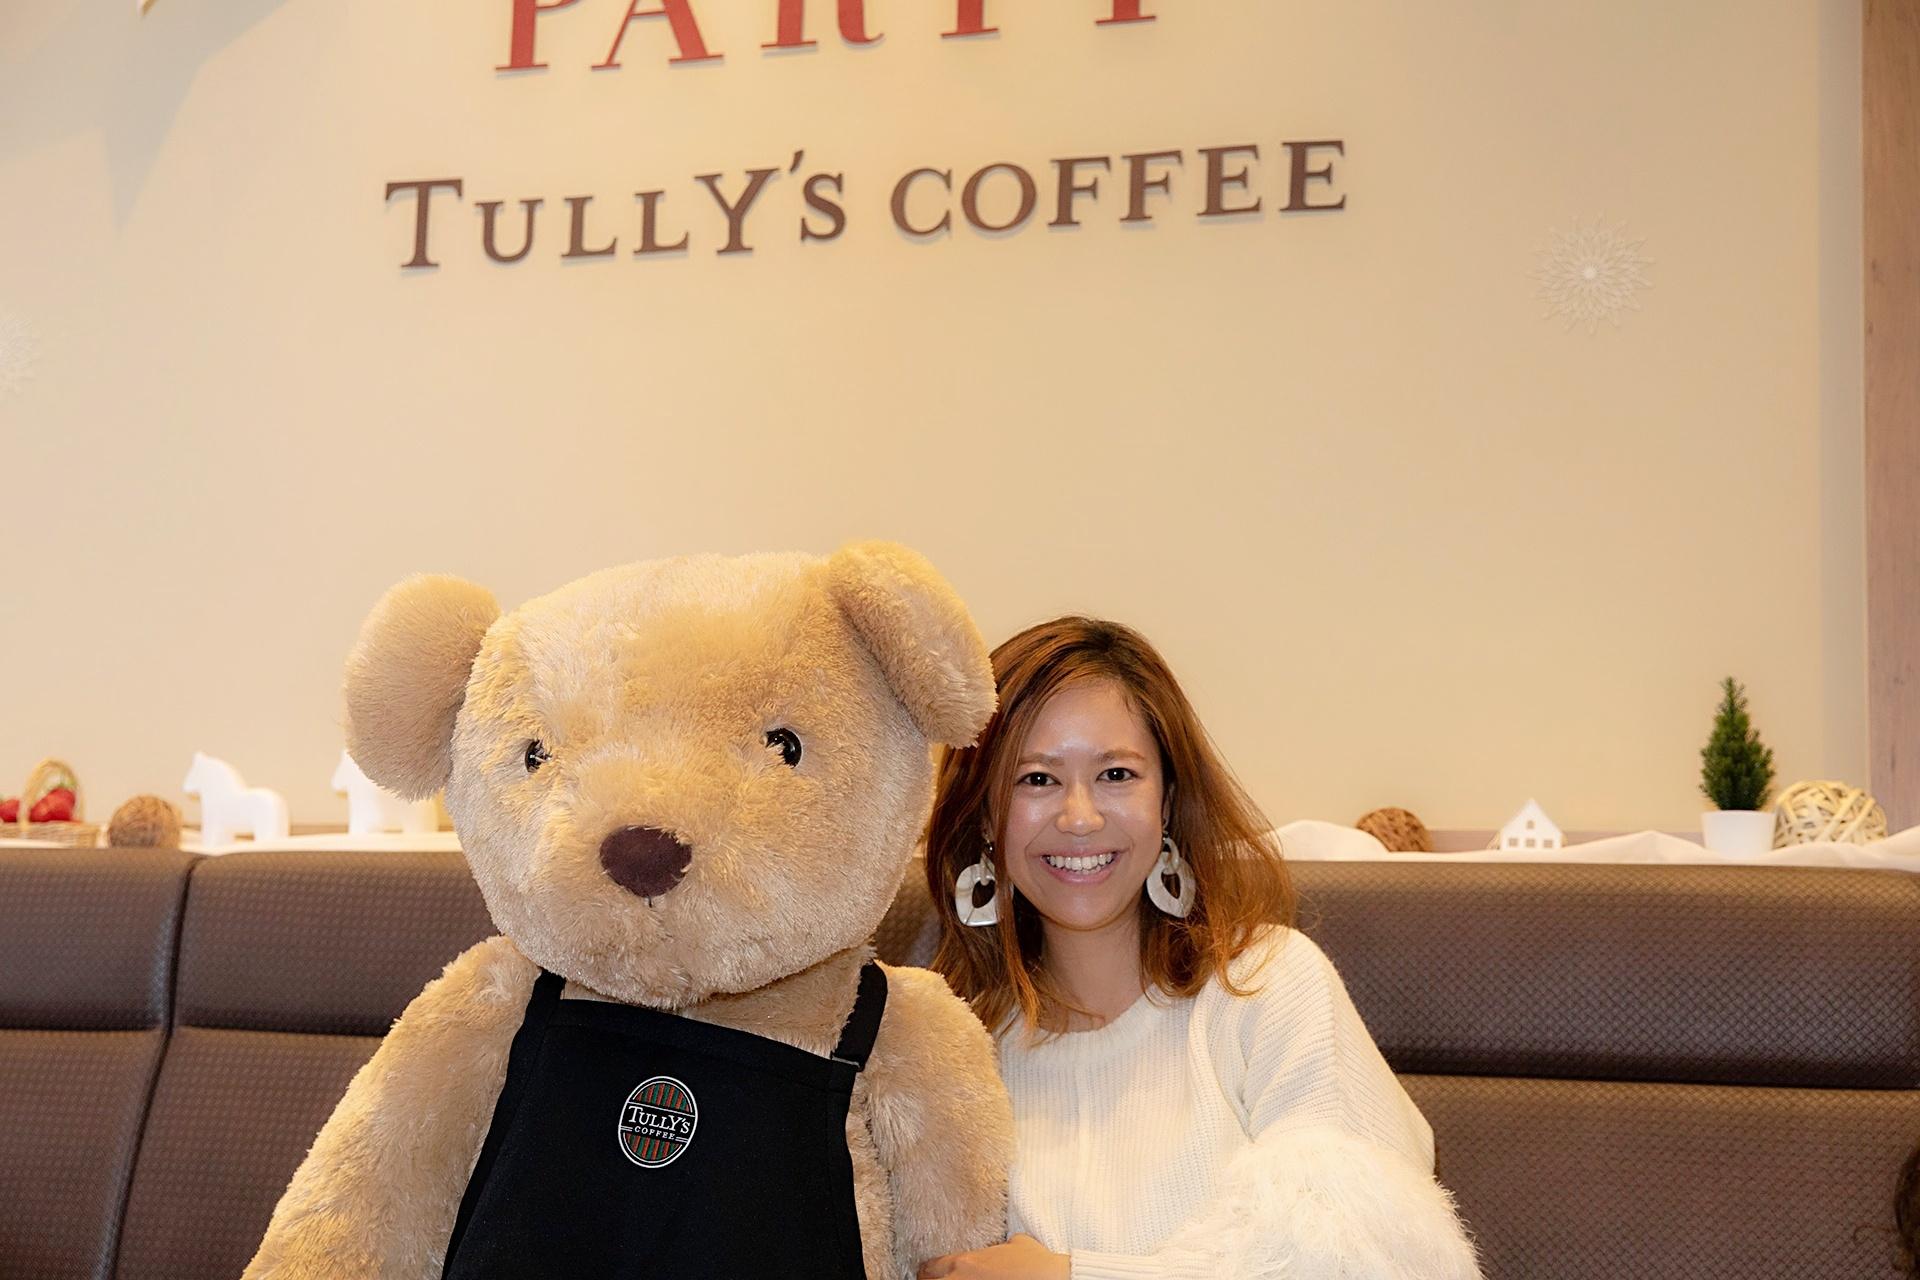 【11/13open】南町田グランベリーパークのTULLY'S COFFEEへ一足先におじゃましました【東京ママパーティー】TULLY'S COFFEEのホリデーシーズンのメニューを堪能!_1